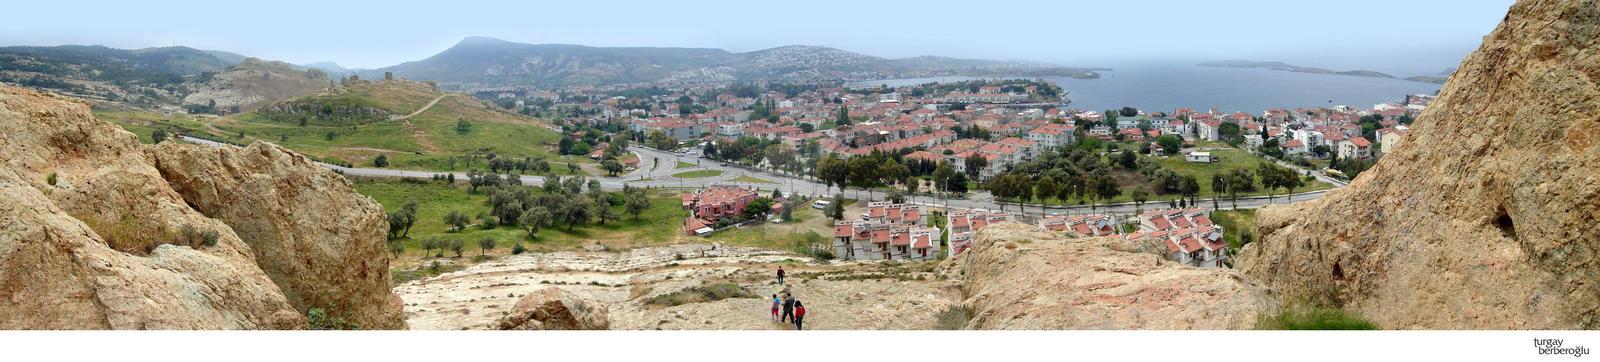 Izmir - Foca - Landscape by uberdream